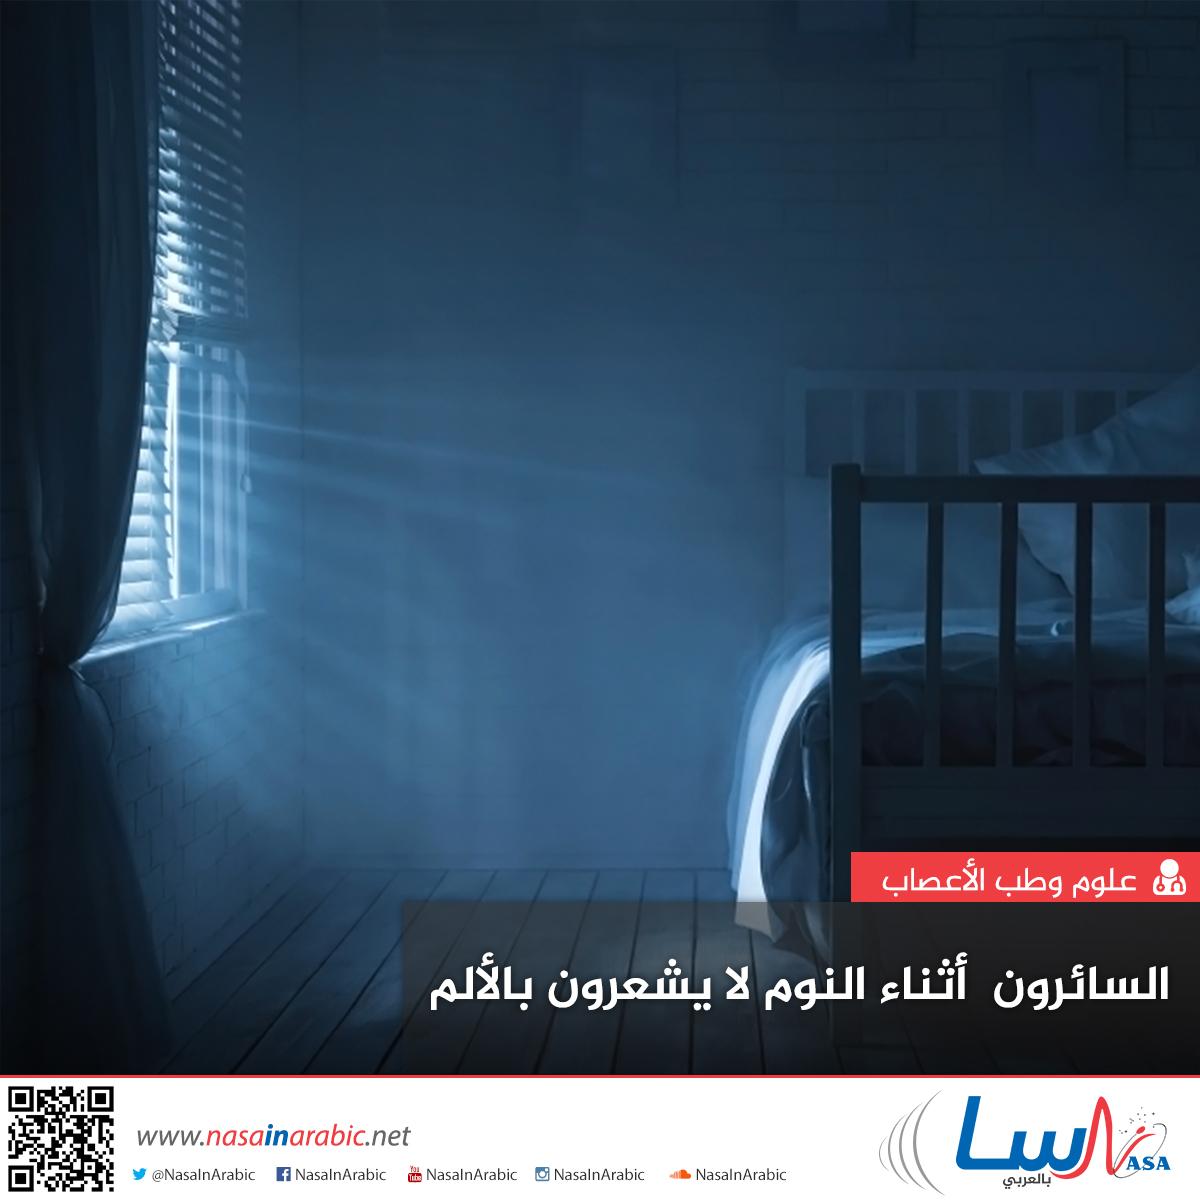 السائرون أثناء النوم لا يشعرون بالألم